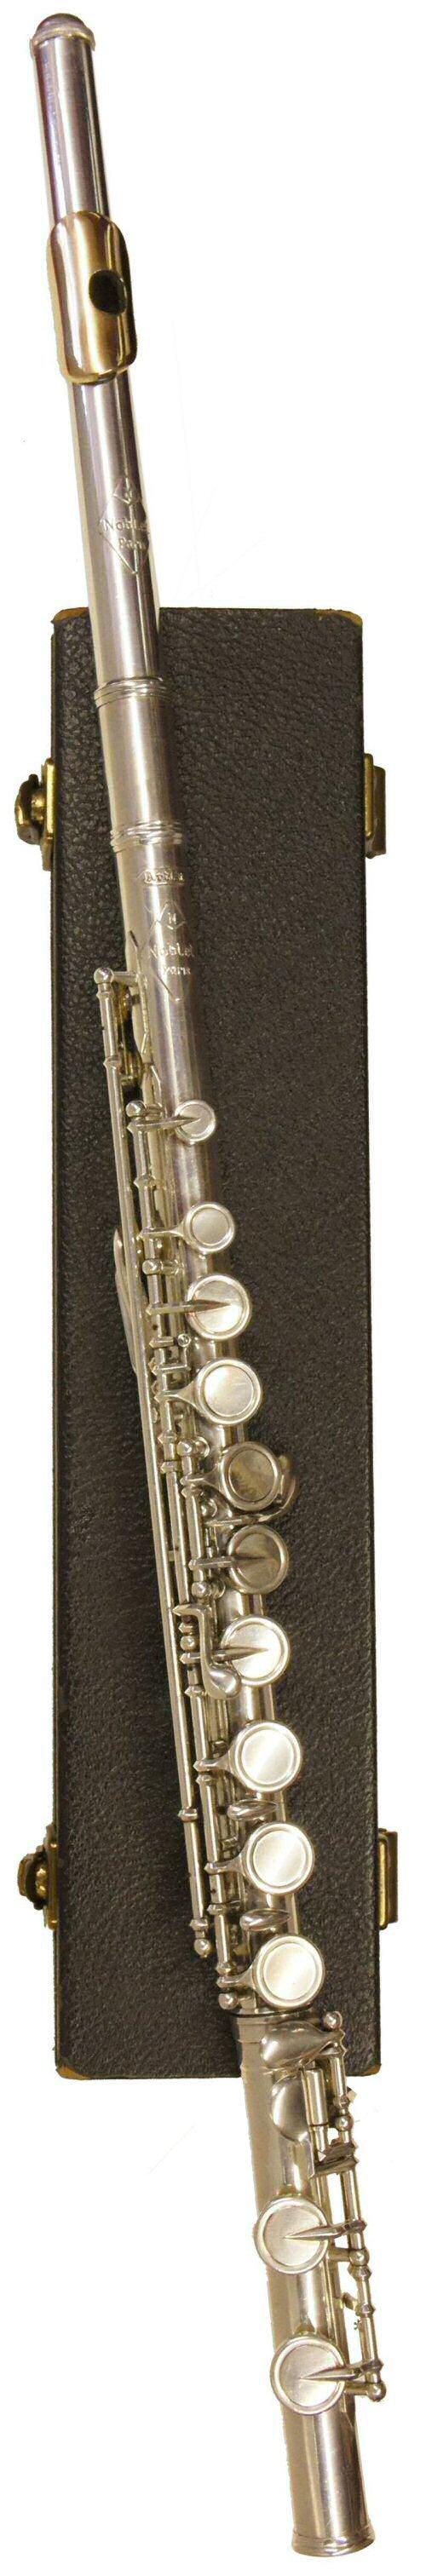 Vintage Noblet Artist Flute